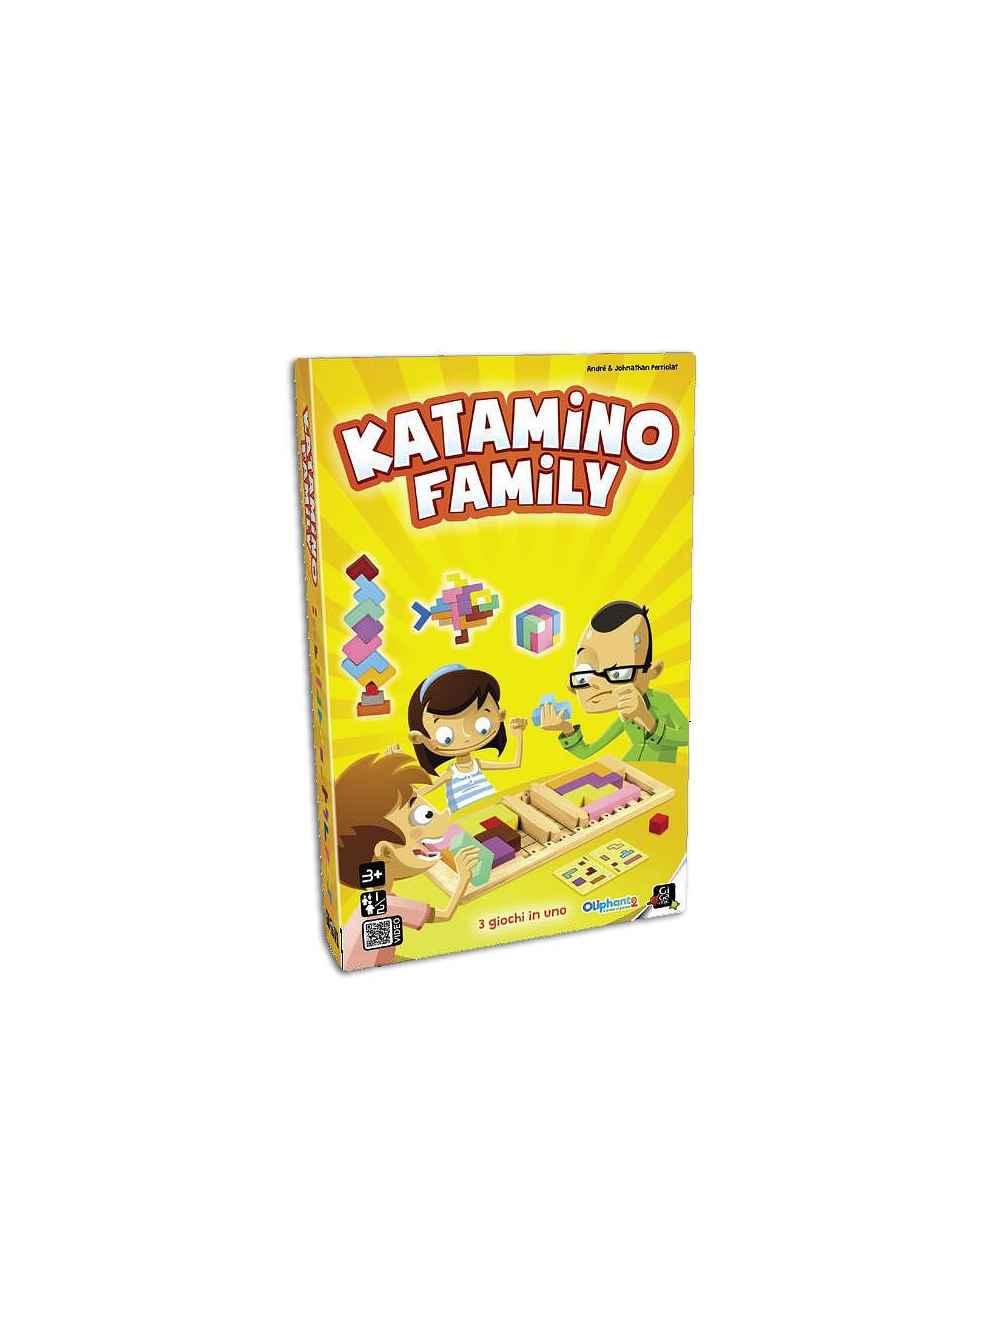 KATAMINO FAMILY *